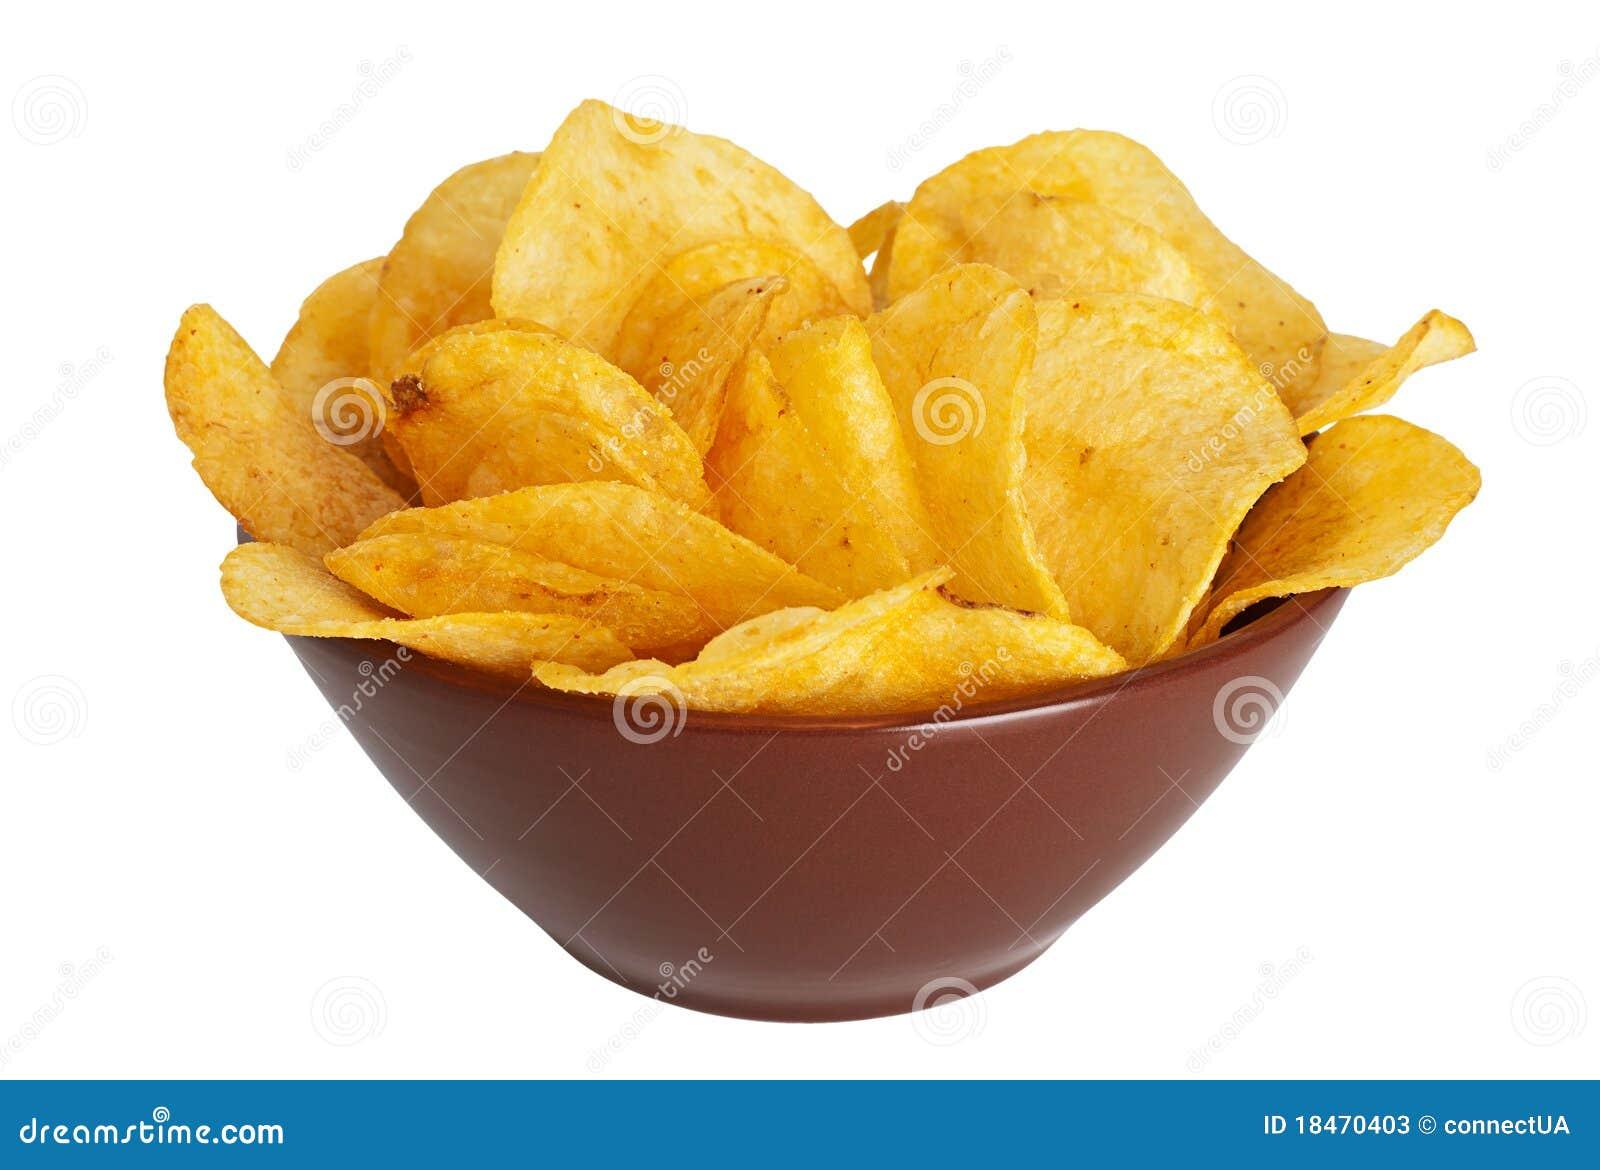 Patata frito adentro un plato